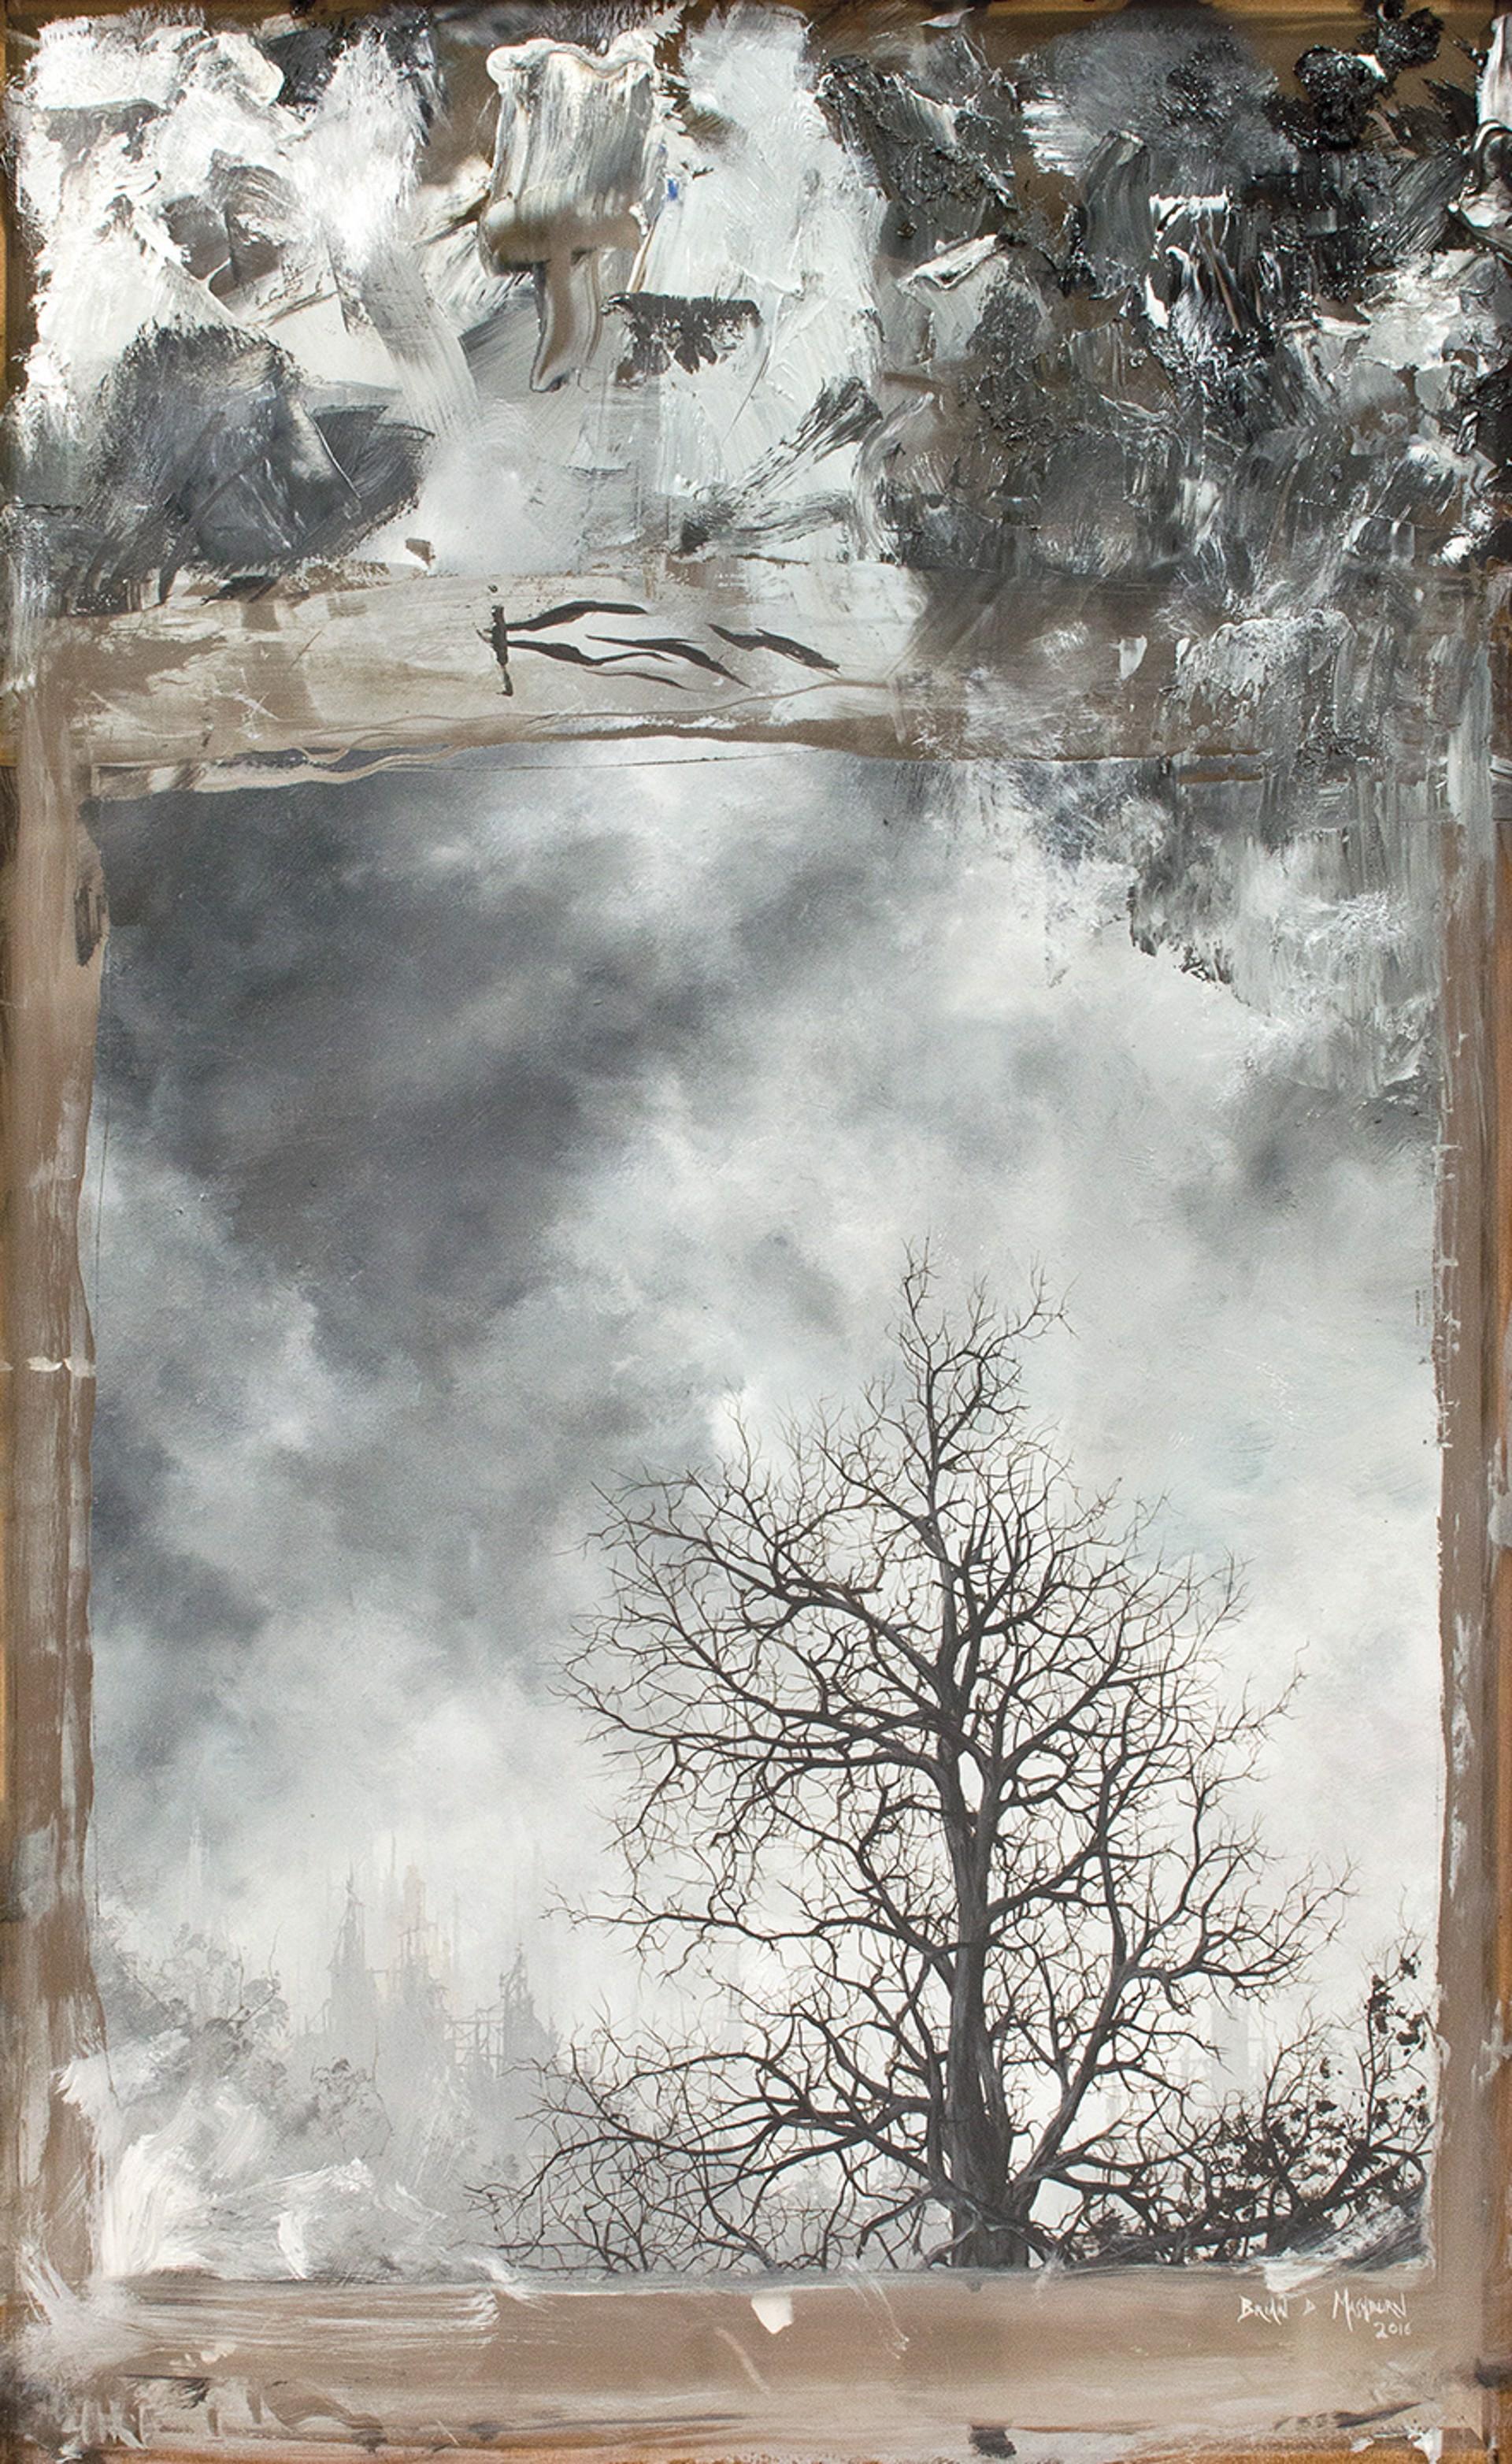 Oak in Winter by Brian Mashburn